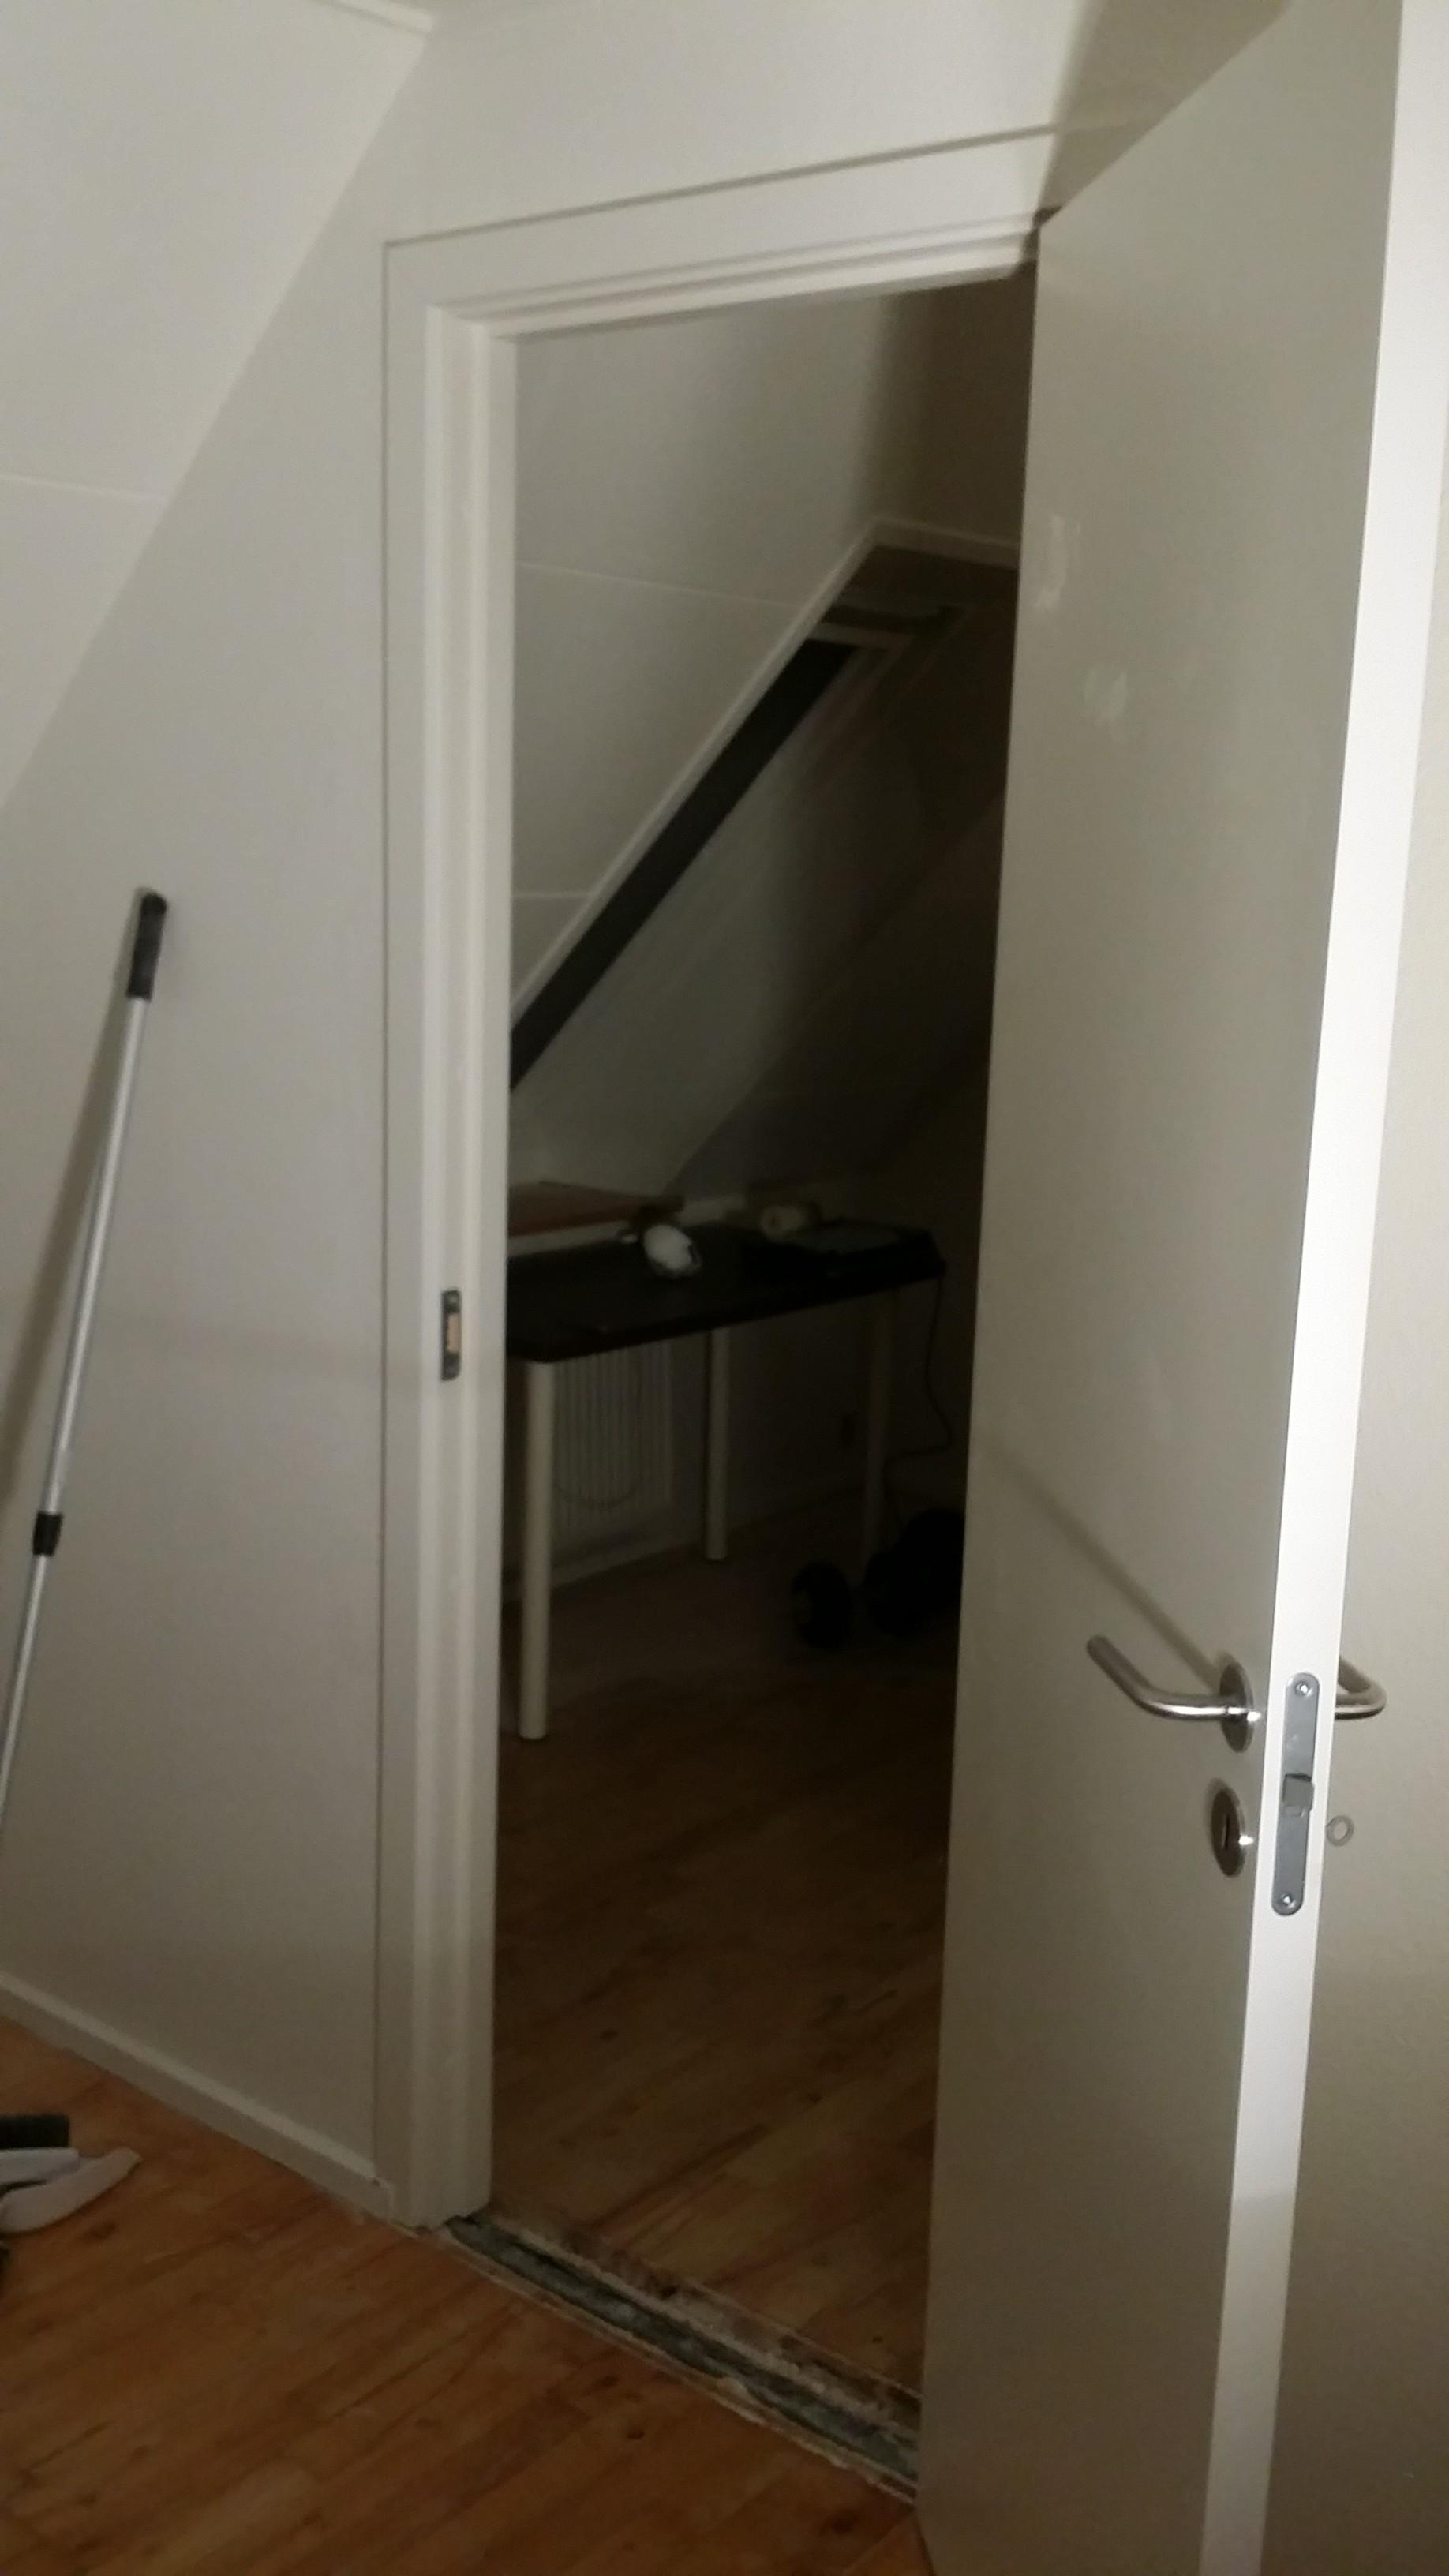 Isætning af dør mellem 2 værelser i bofællesskab ved Skanderborg.